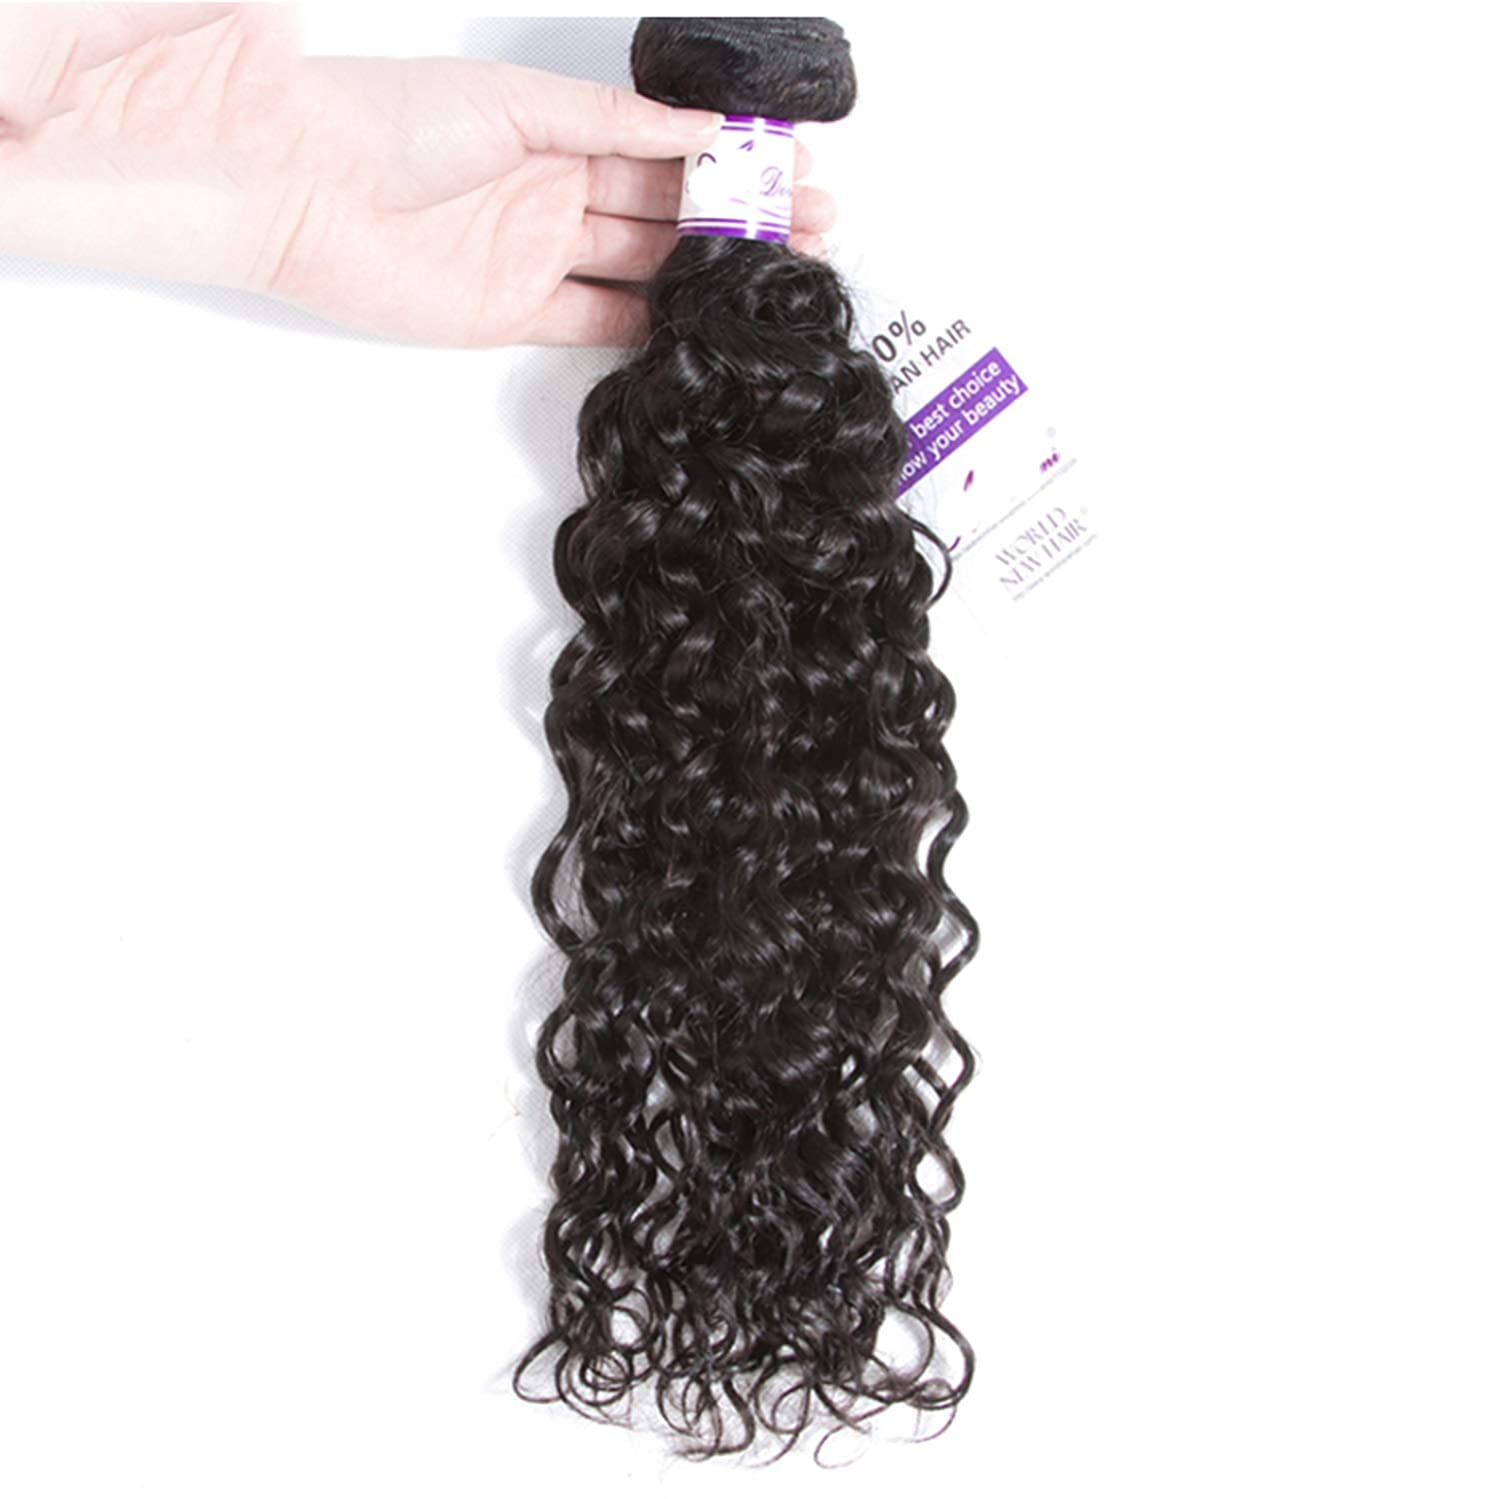 束評価する急いでかつら ペルーの水の波束100%人間の髪の毛の織り方ナチュラルカラー非レミーの毛延長8-28インチ (Stretched Length : 28inches)